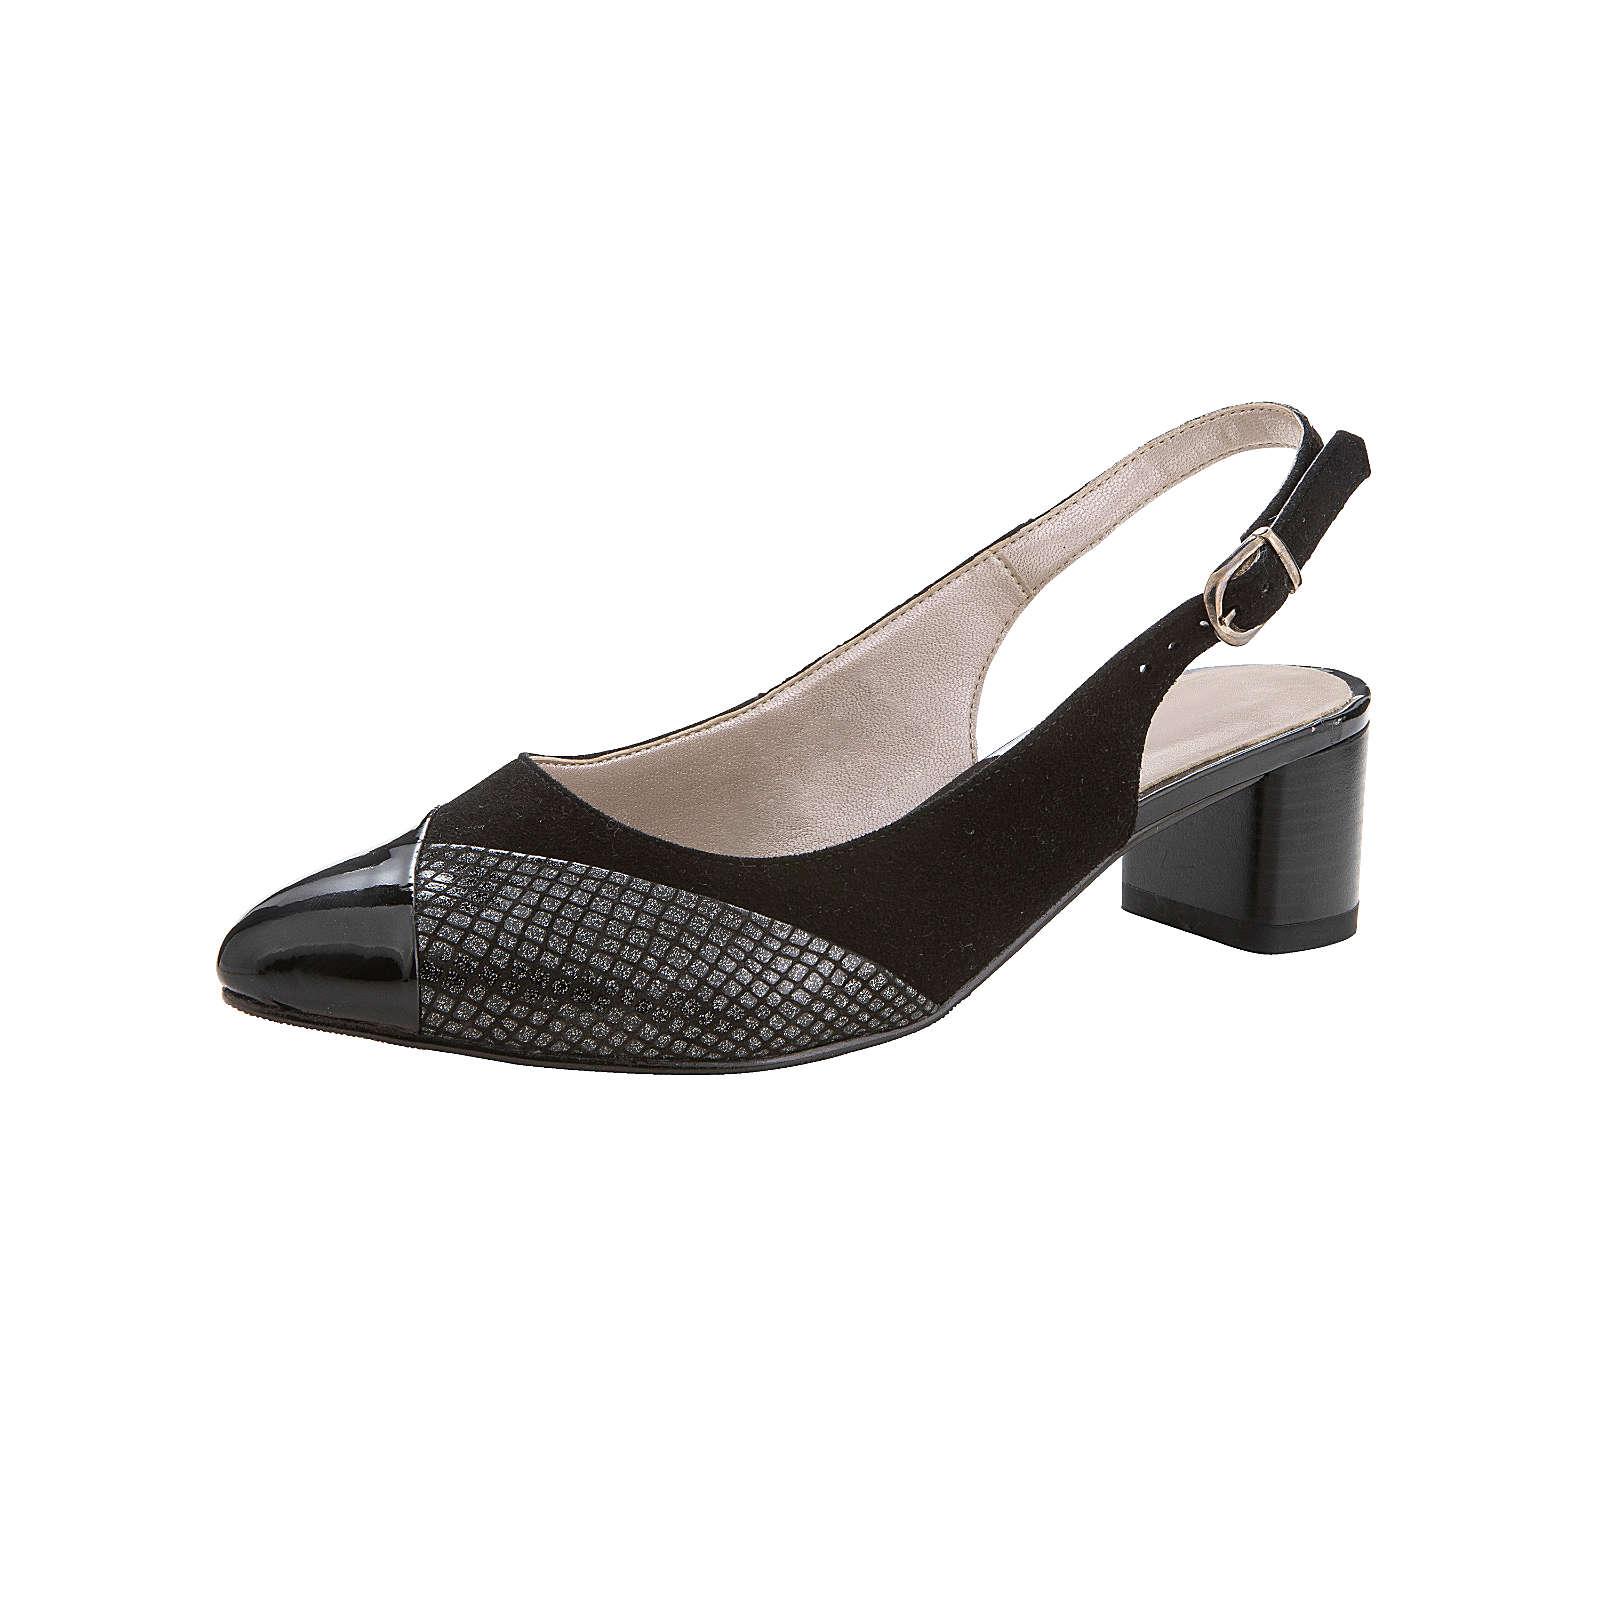 Naturläufer Sandale schwarz Damen Gr. 38